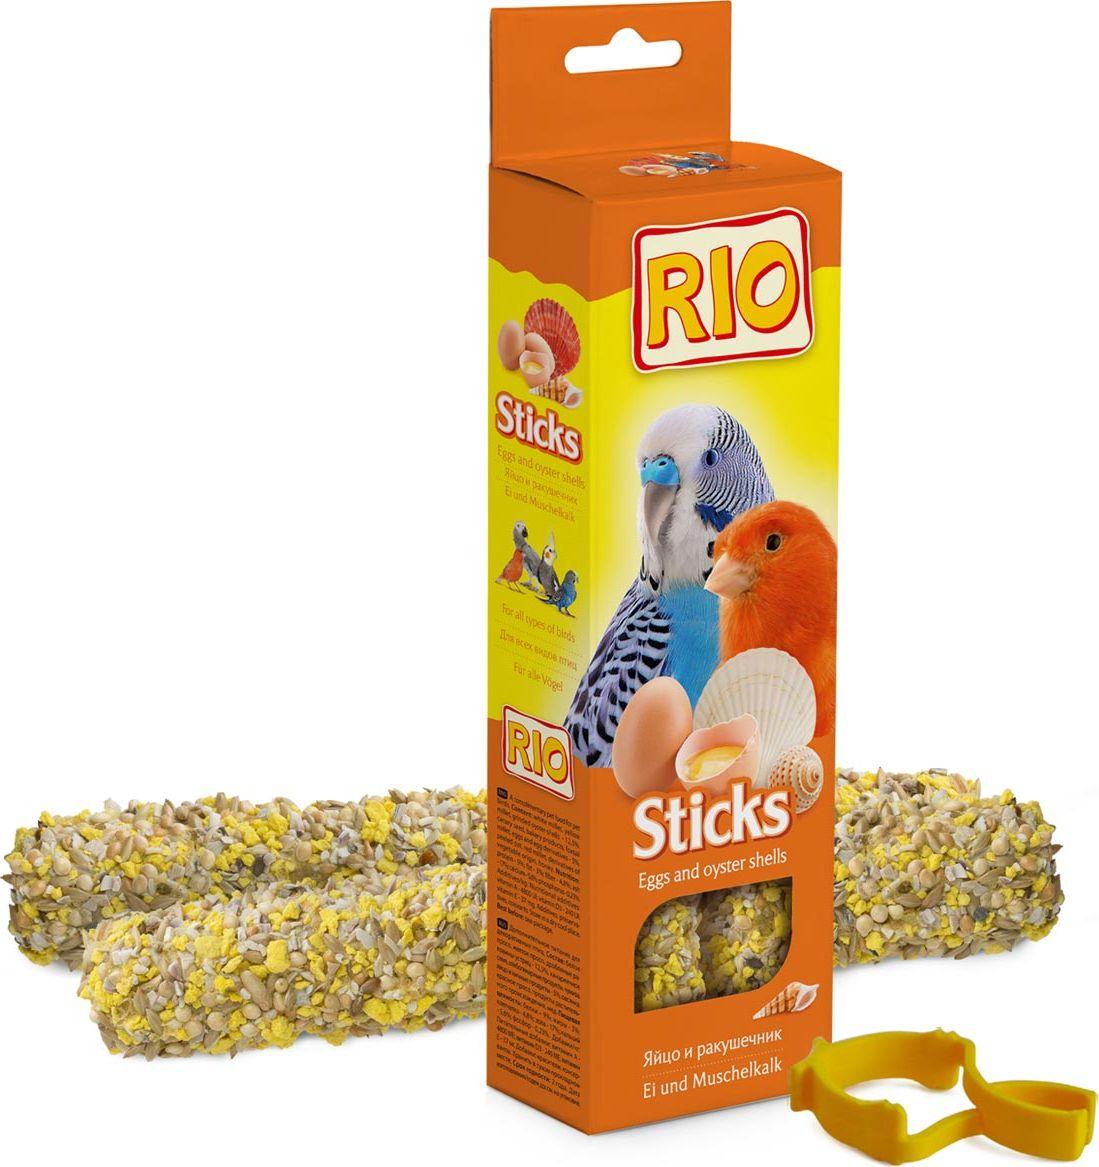 Лакомство для всех видов птиц RIO Sticks, с яйцом и ракушечником, 2 х 40 г12171996Лакомство RIO Sticks с яйцом и ракушечником - это дополнительное питание для всех видов птиц. В процессе производства палочки запекают в специальных печах особым способом, это обеспечивает превосходный вкус и хрустящую консистенцию.Лакомство имеет буковый стержень, который отлично подходит для чистки клюва.В комплект входит съемный держатель.Товар сертифицирован.